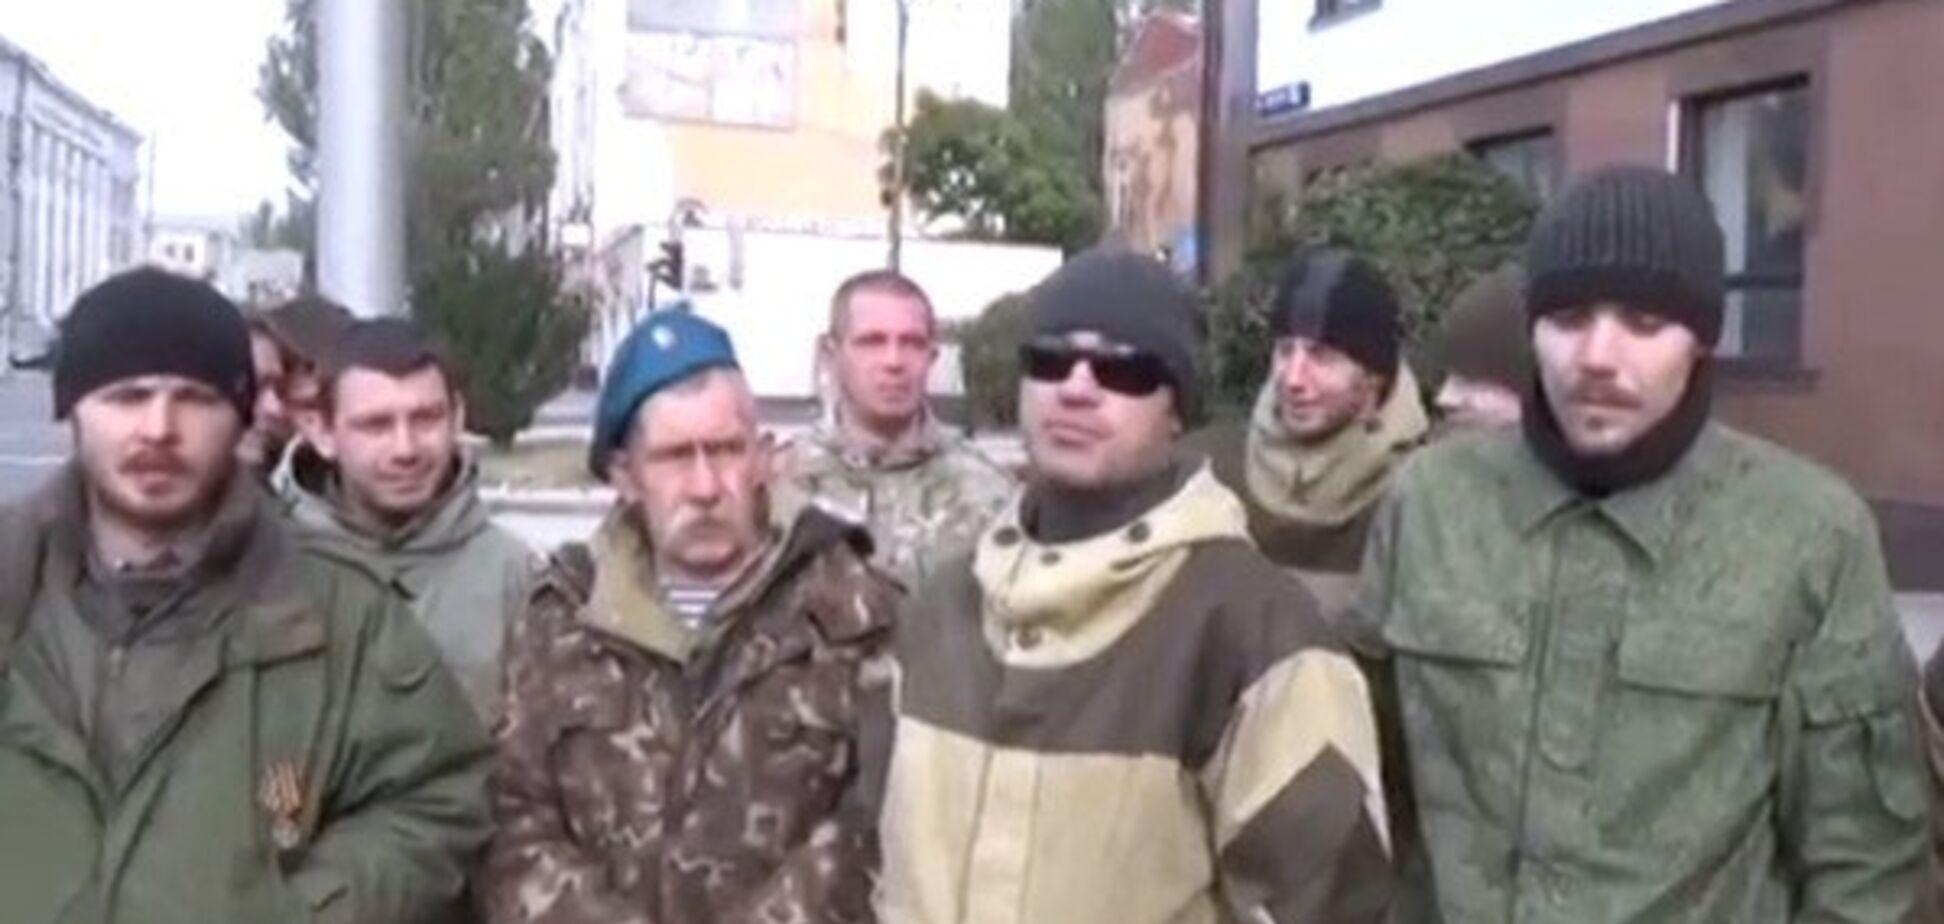 'Ответка' из Москвы: одичалые 'ДНР' придумали лайфхак